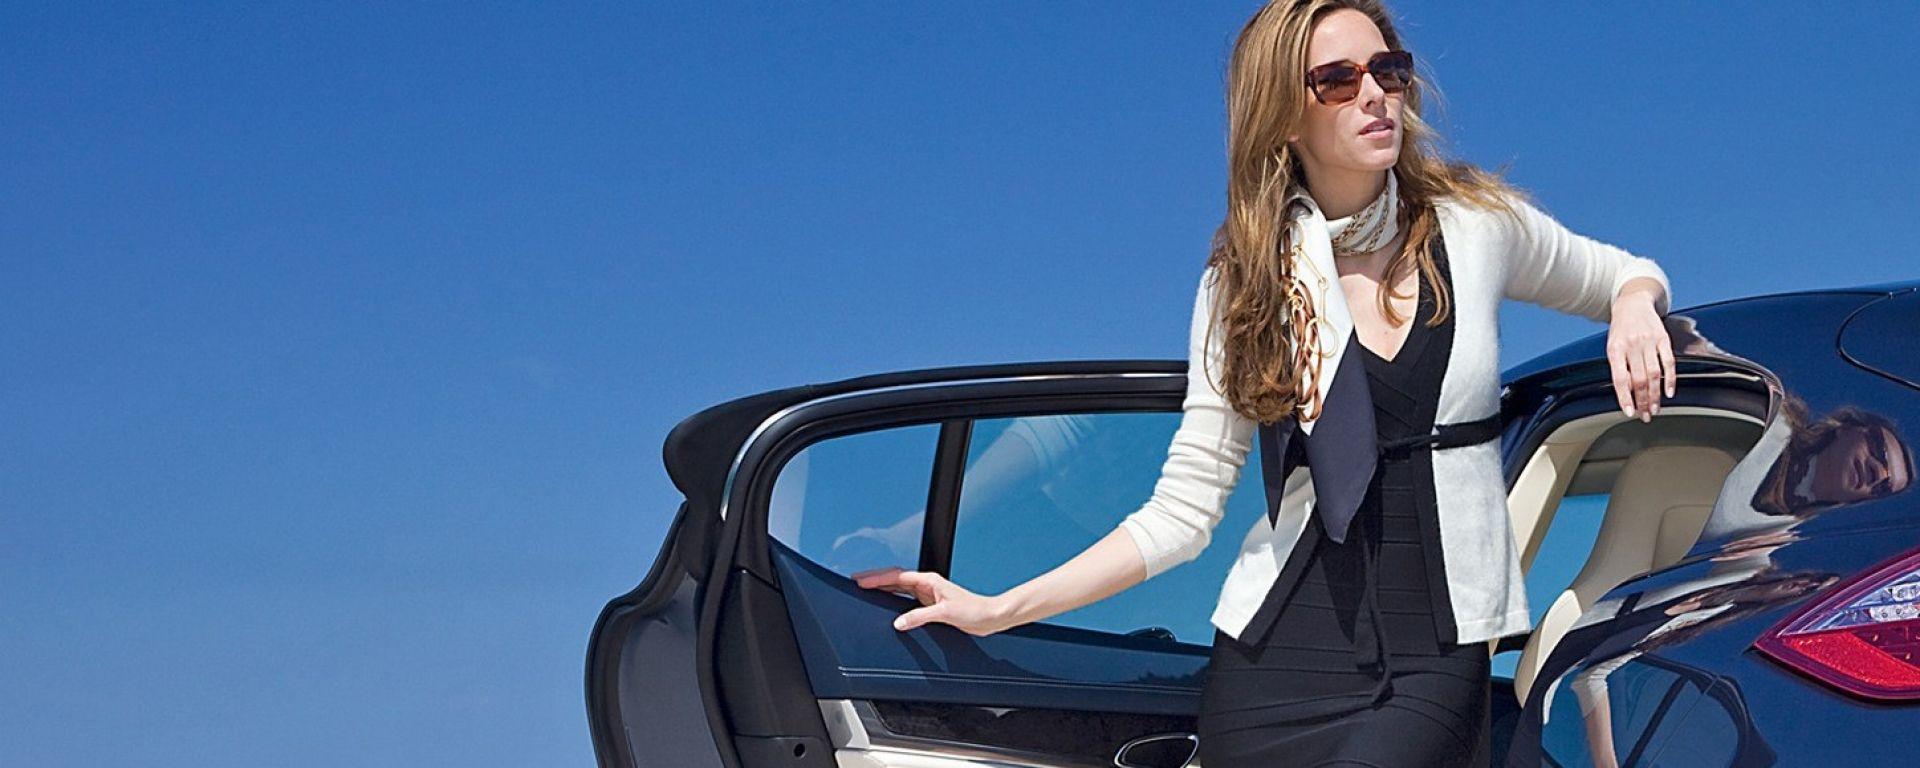 Donne al volante...di un'azienda automobilista. Sono sempre più numerose